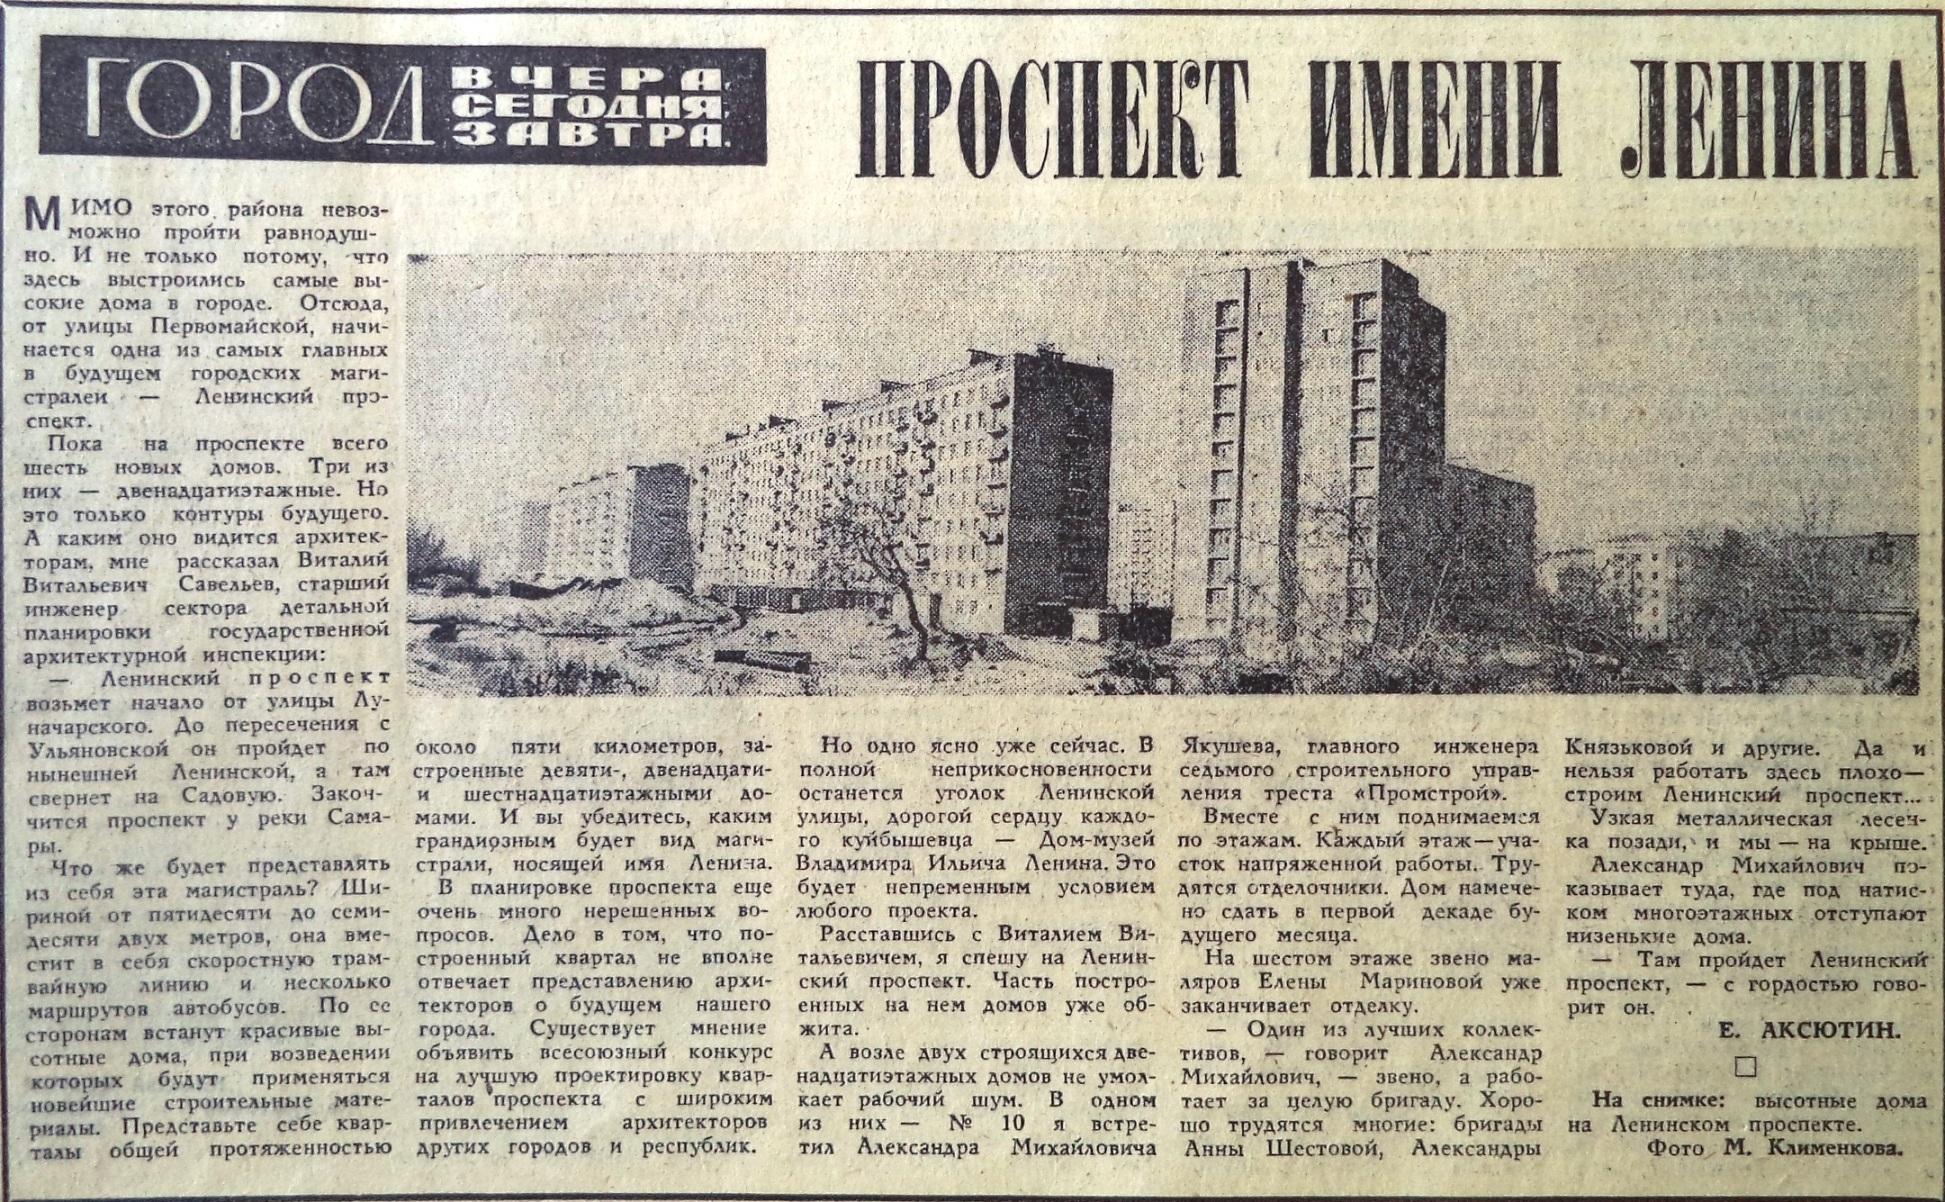 ФОТО-11-Ленина-ВЗя-1969-02-26-репортаж с пр. Лен.